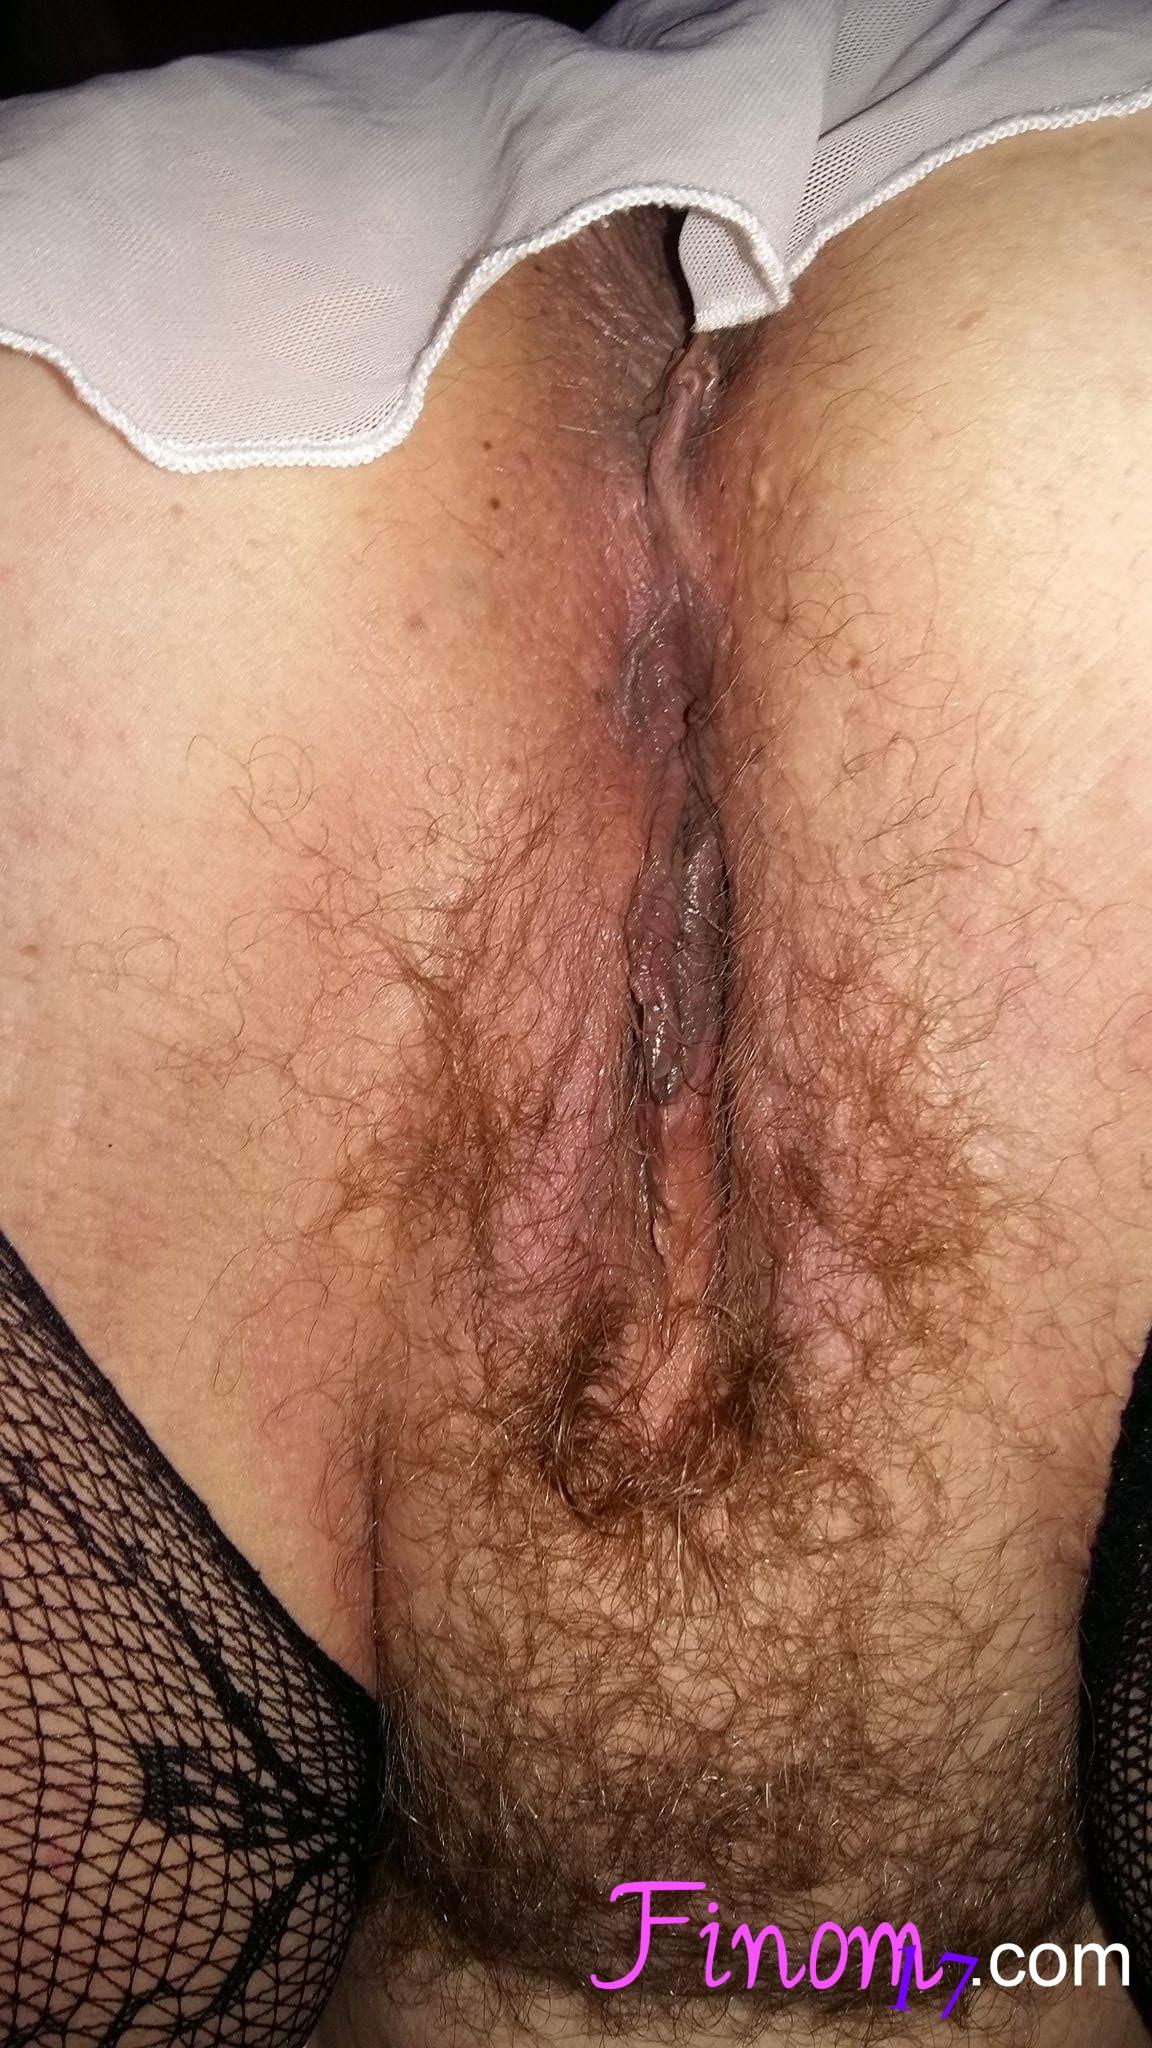 Ancsikaa - telefon szex